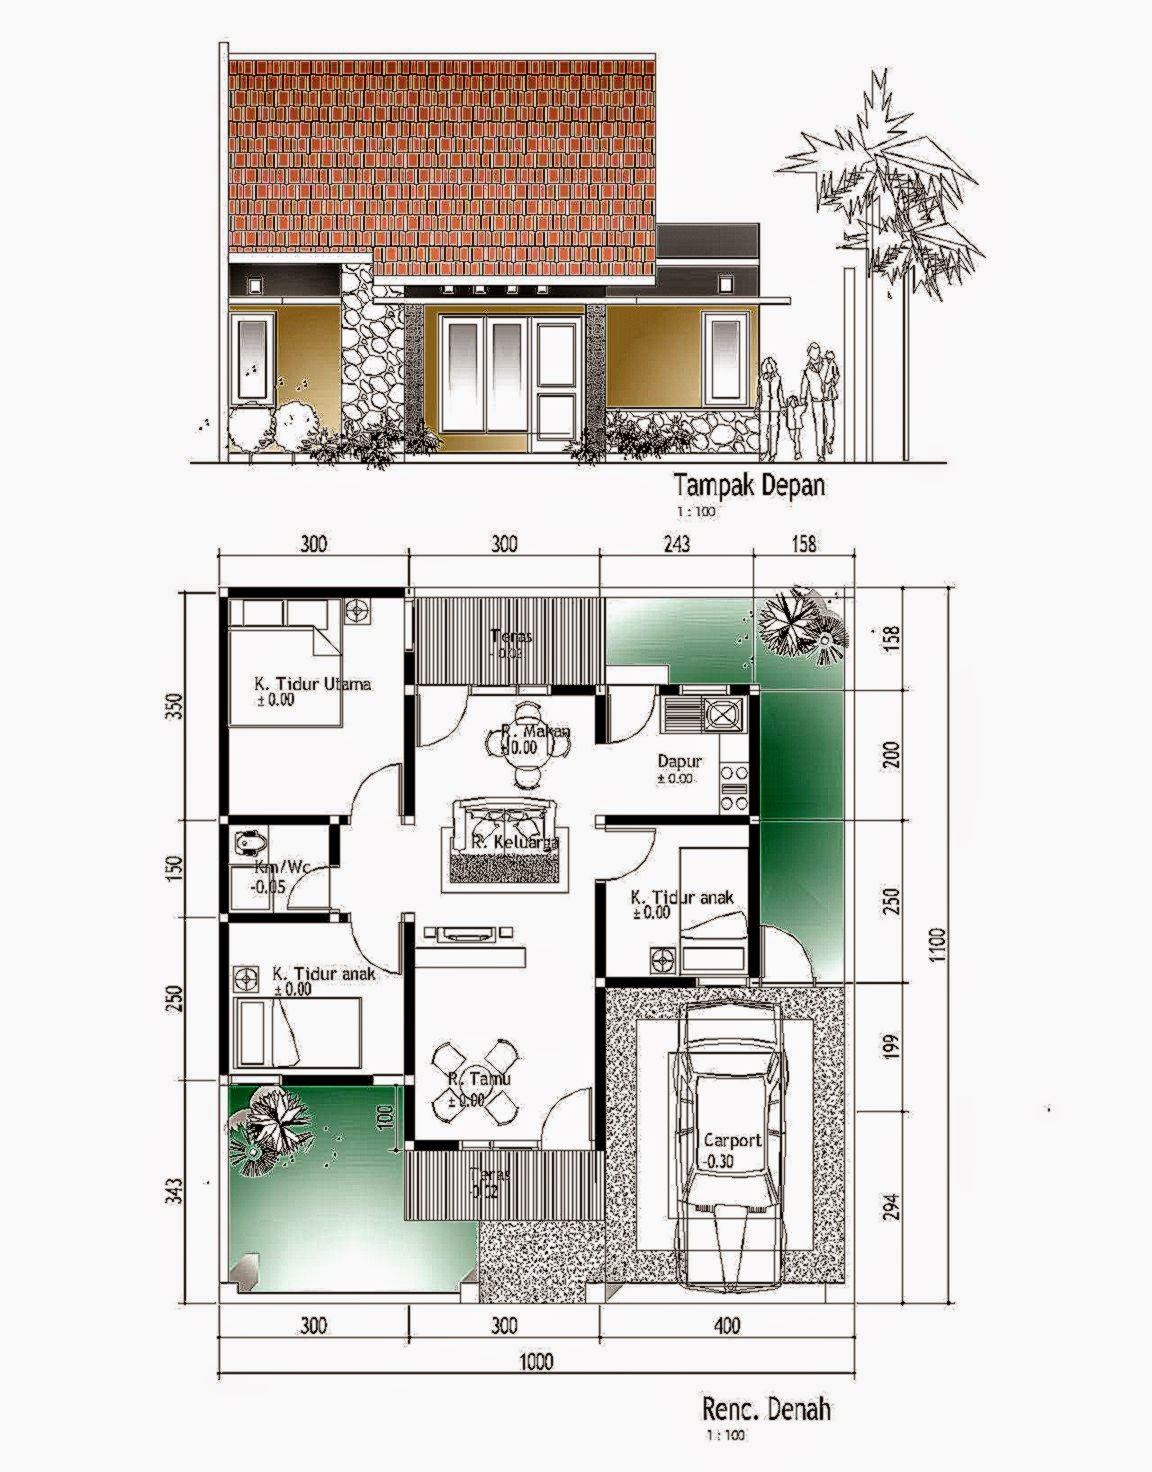 Desain Rumah Denahnya Gallery Taman Minimalis Gambar Denah Beserta Ukurannya